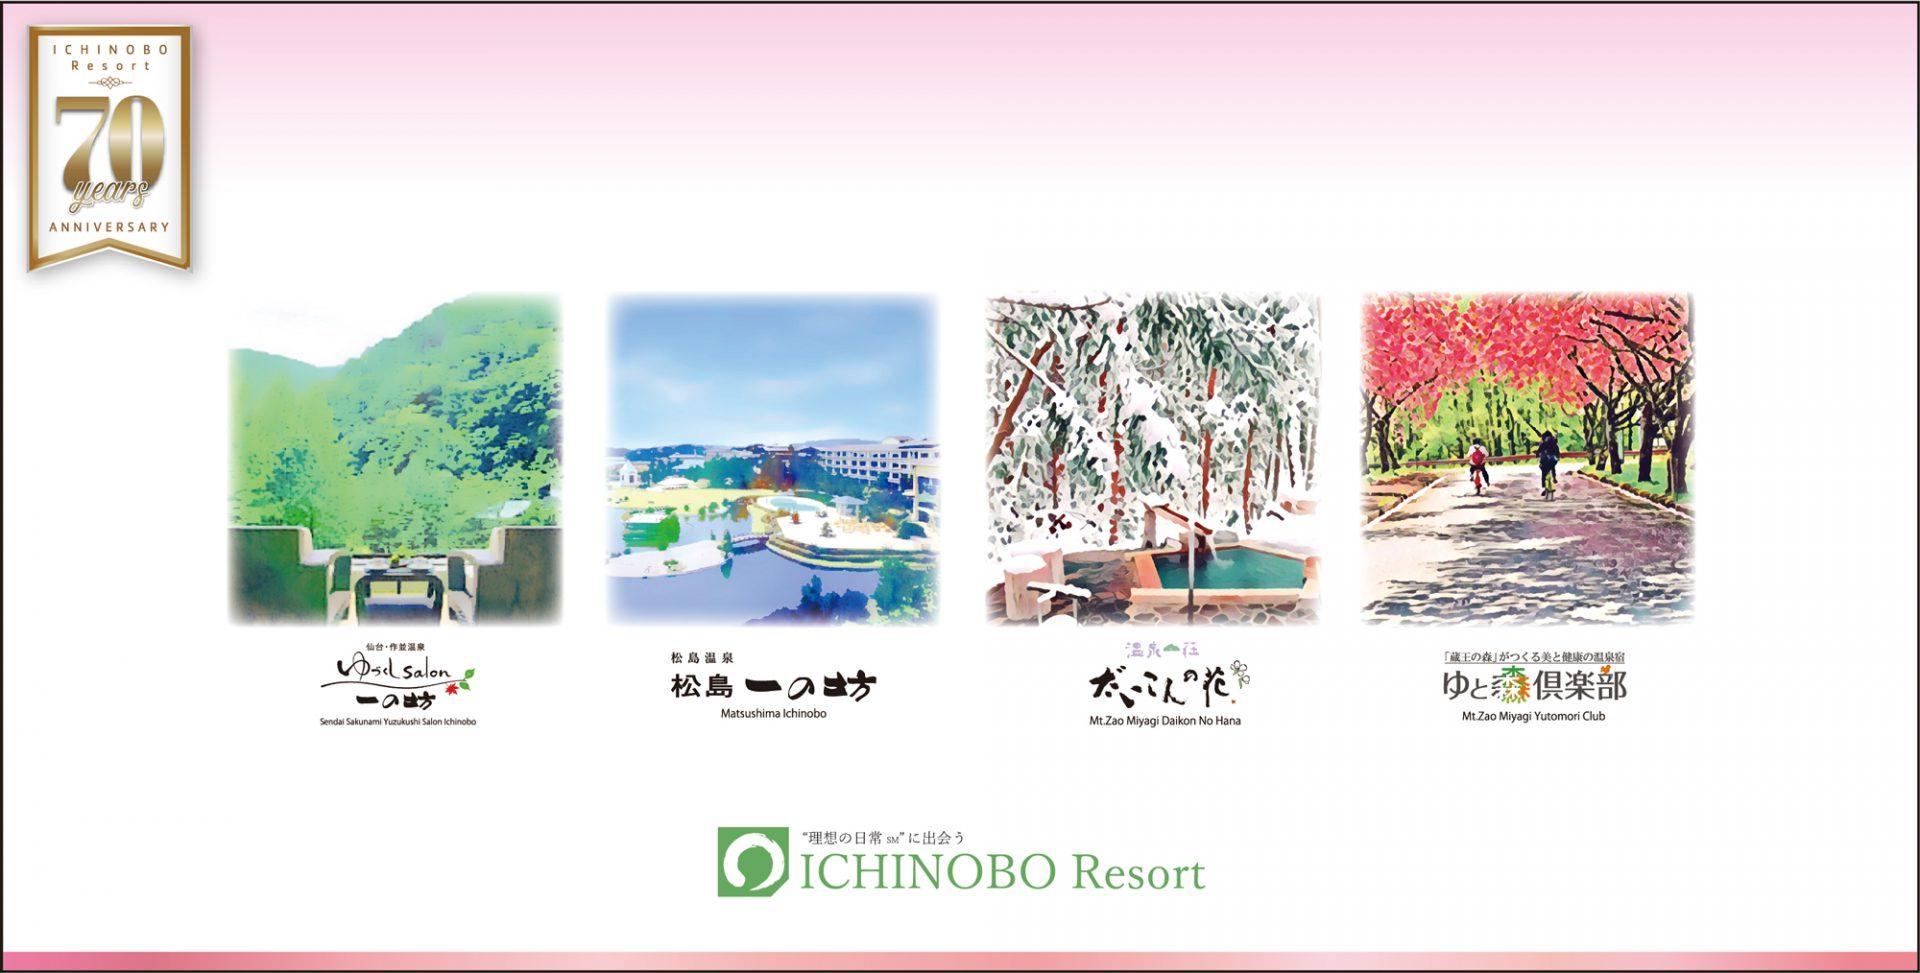 宮城県内で4つの温泉リゾートとレストランを運営する、一の坊リゾートはおかげさまで創業70年。